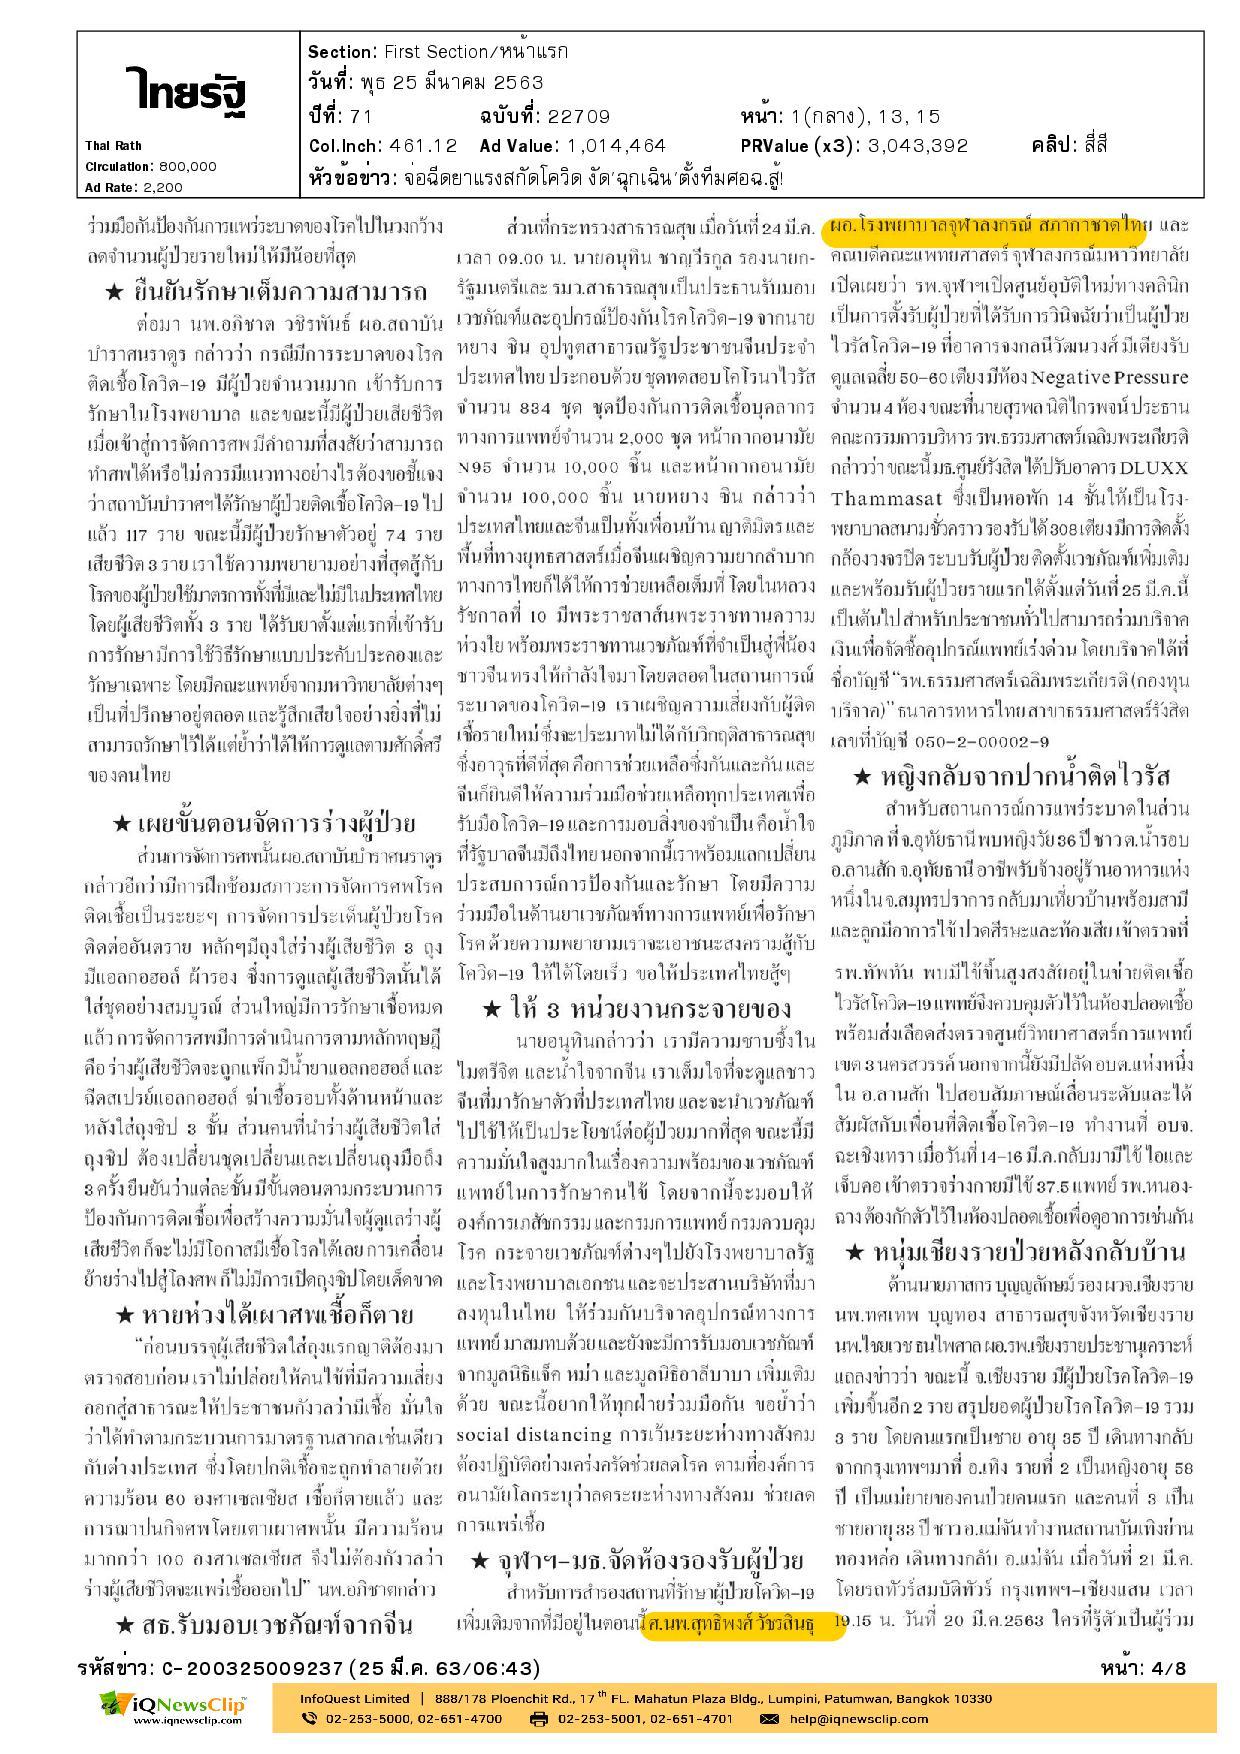 ศ.นพ.สุทธิพงศ์ วัชรสินธุ เผยข้อมูลผู้ป่วยโควิด-19